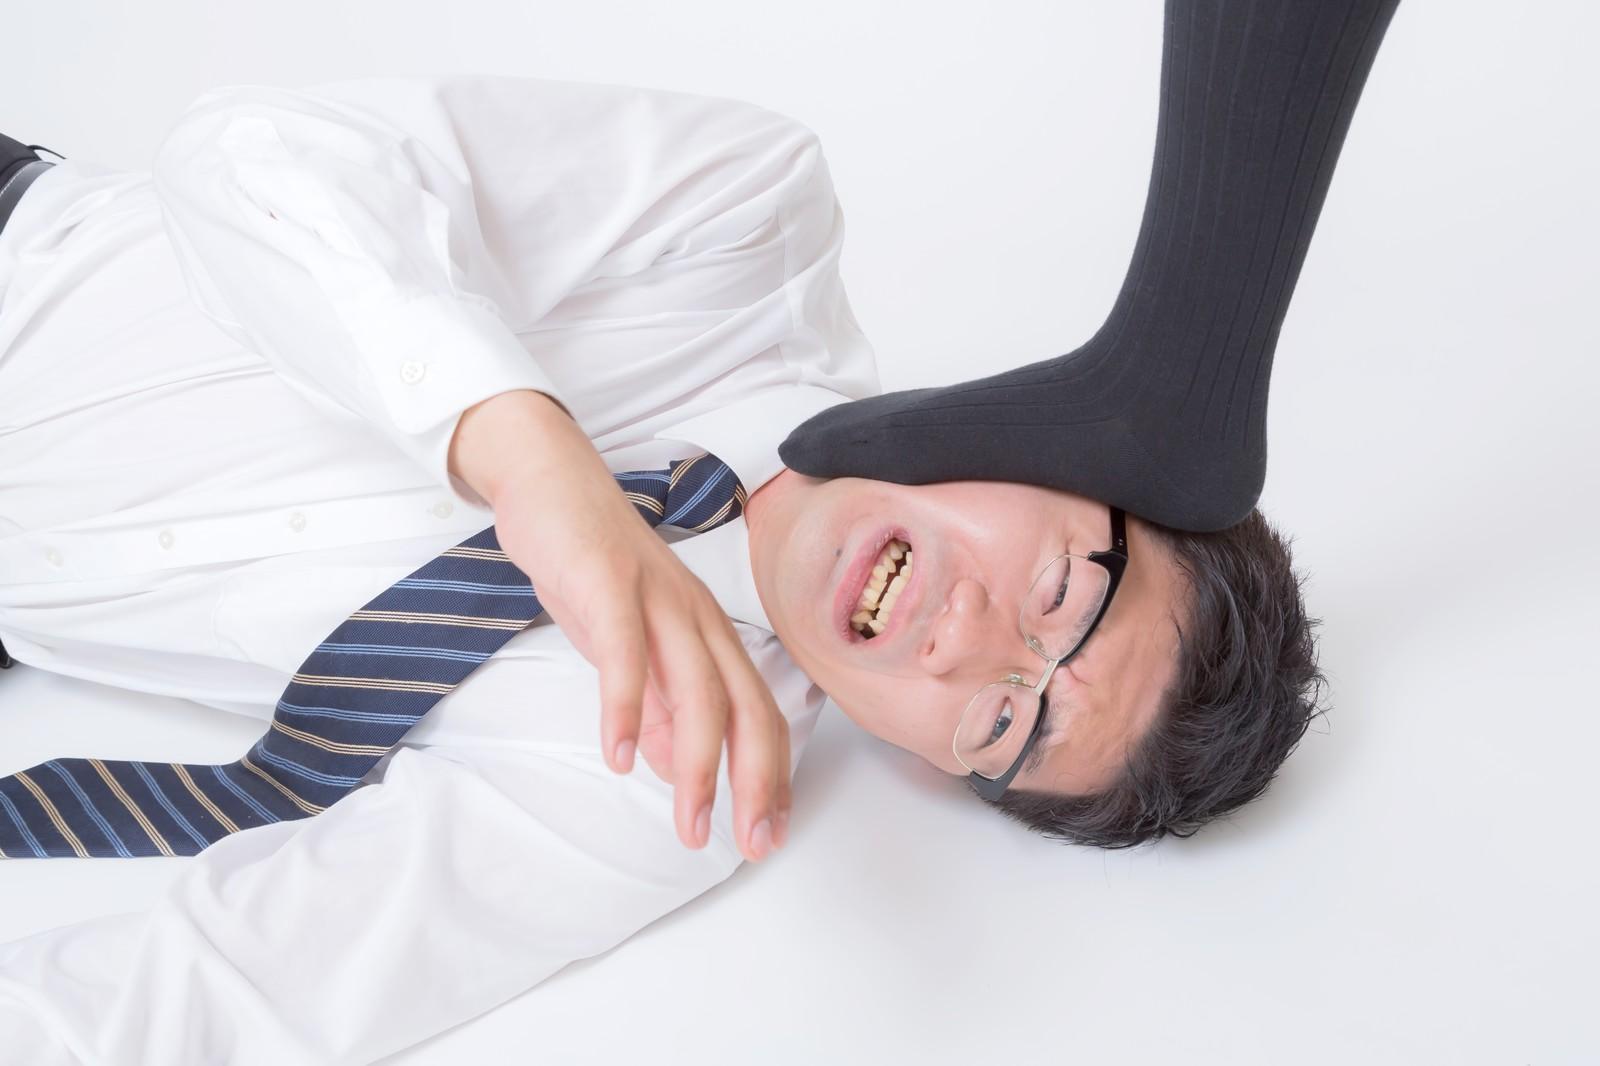 足蹴にする